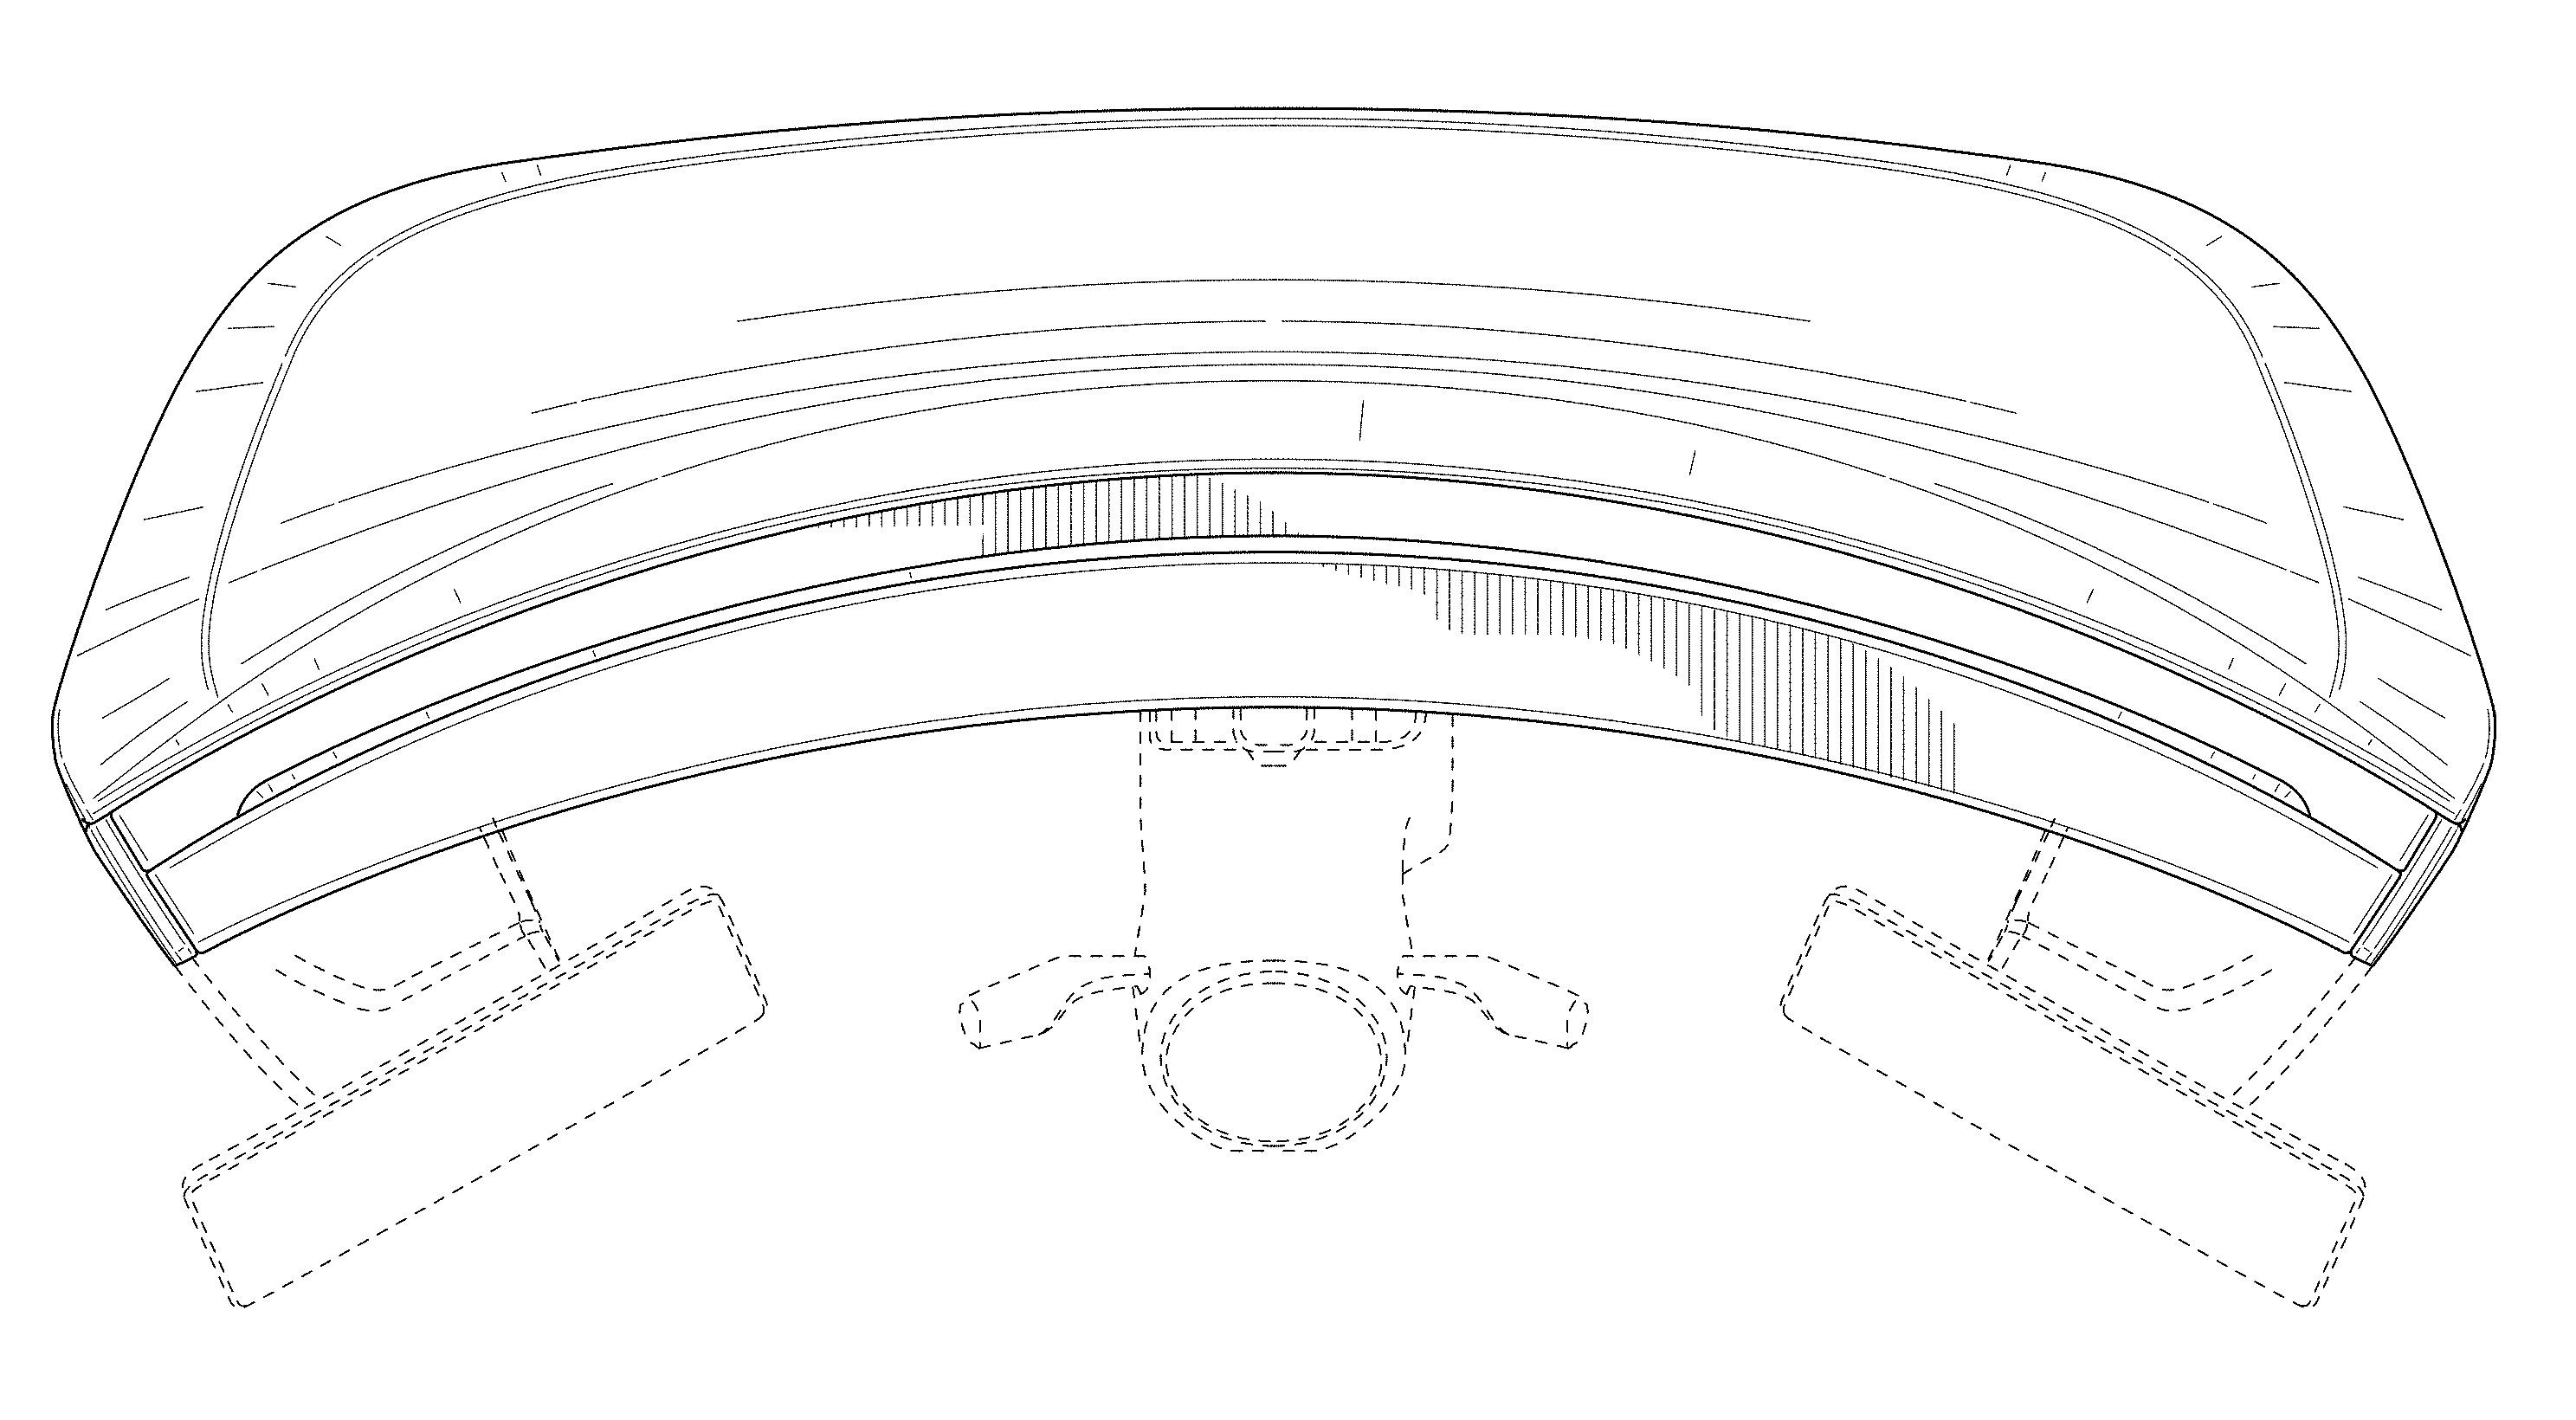 TechPat: U.S. Patent No. D826,814 S